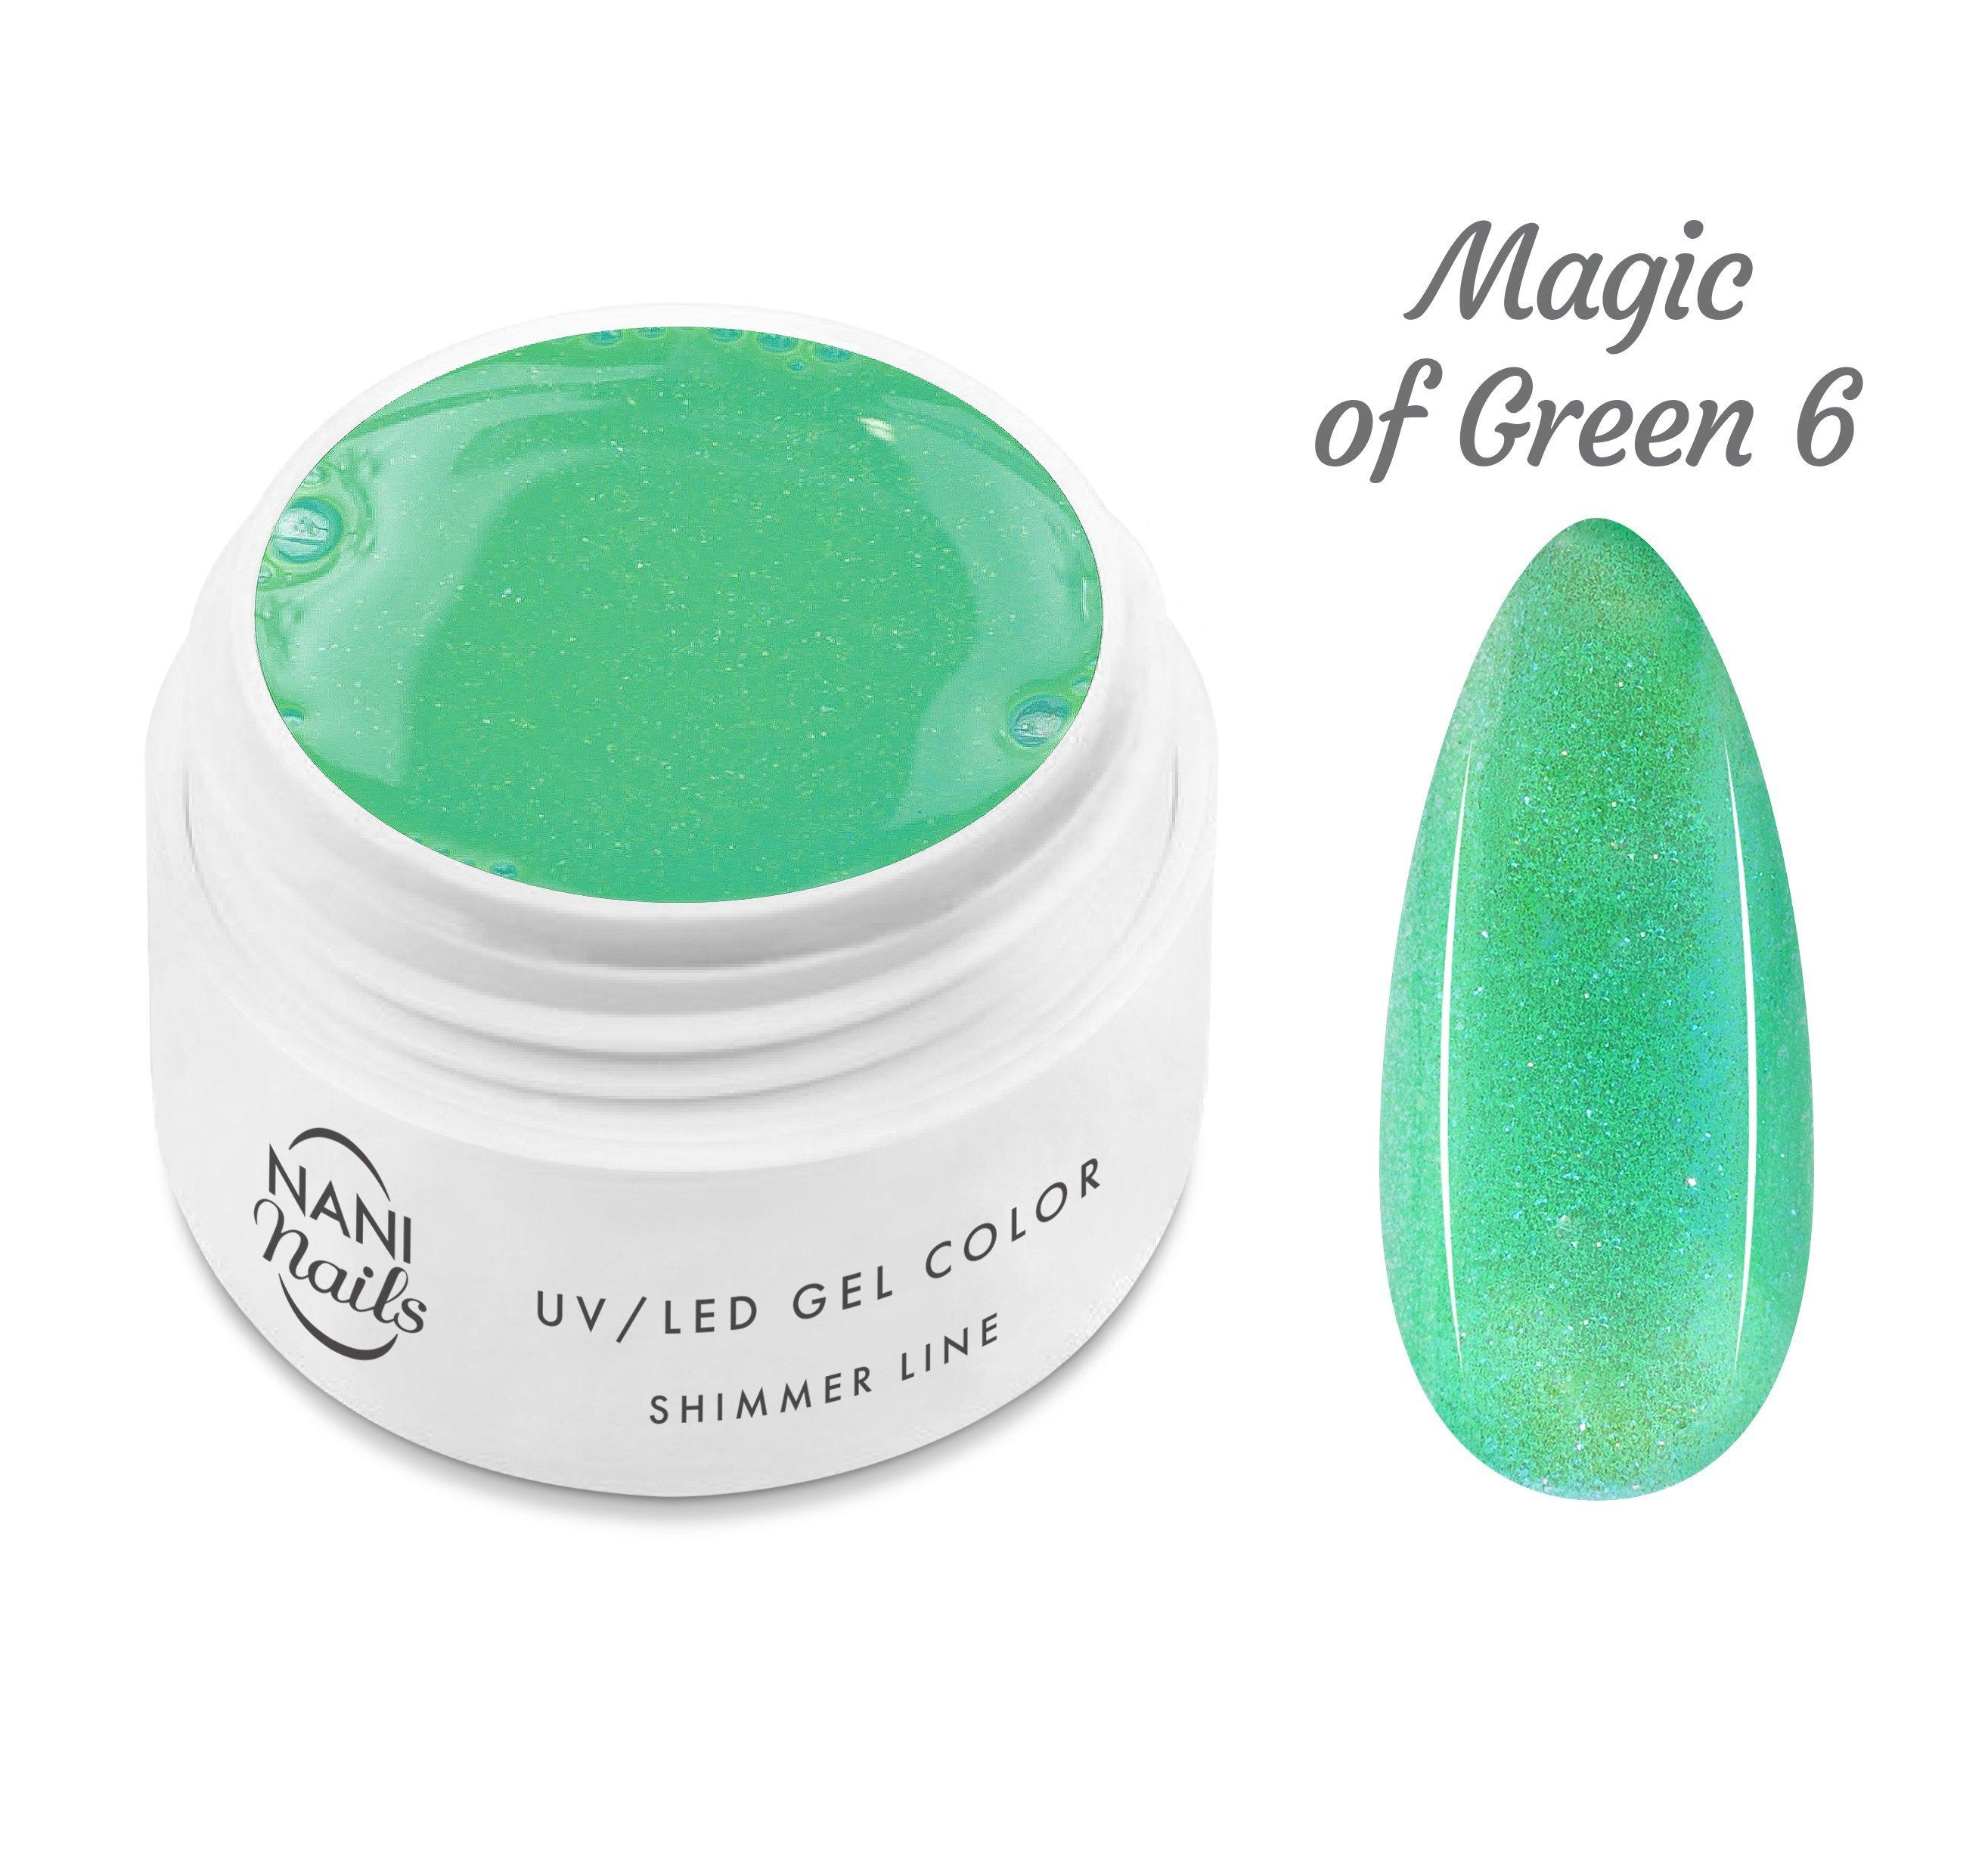 NANI UV gél Shimmer Line 5 ml - Magic of Green